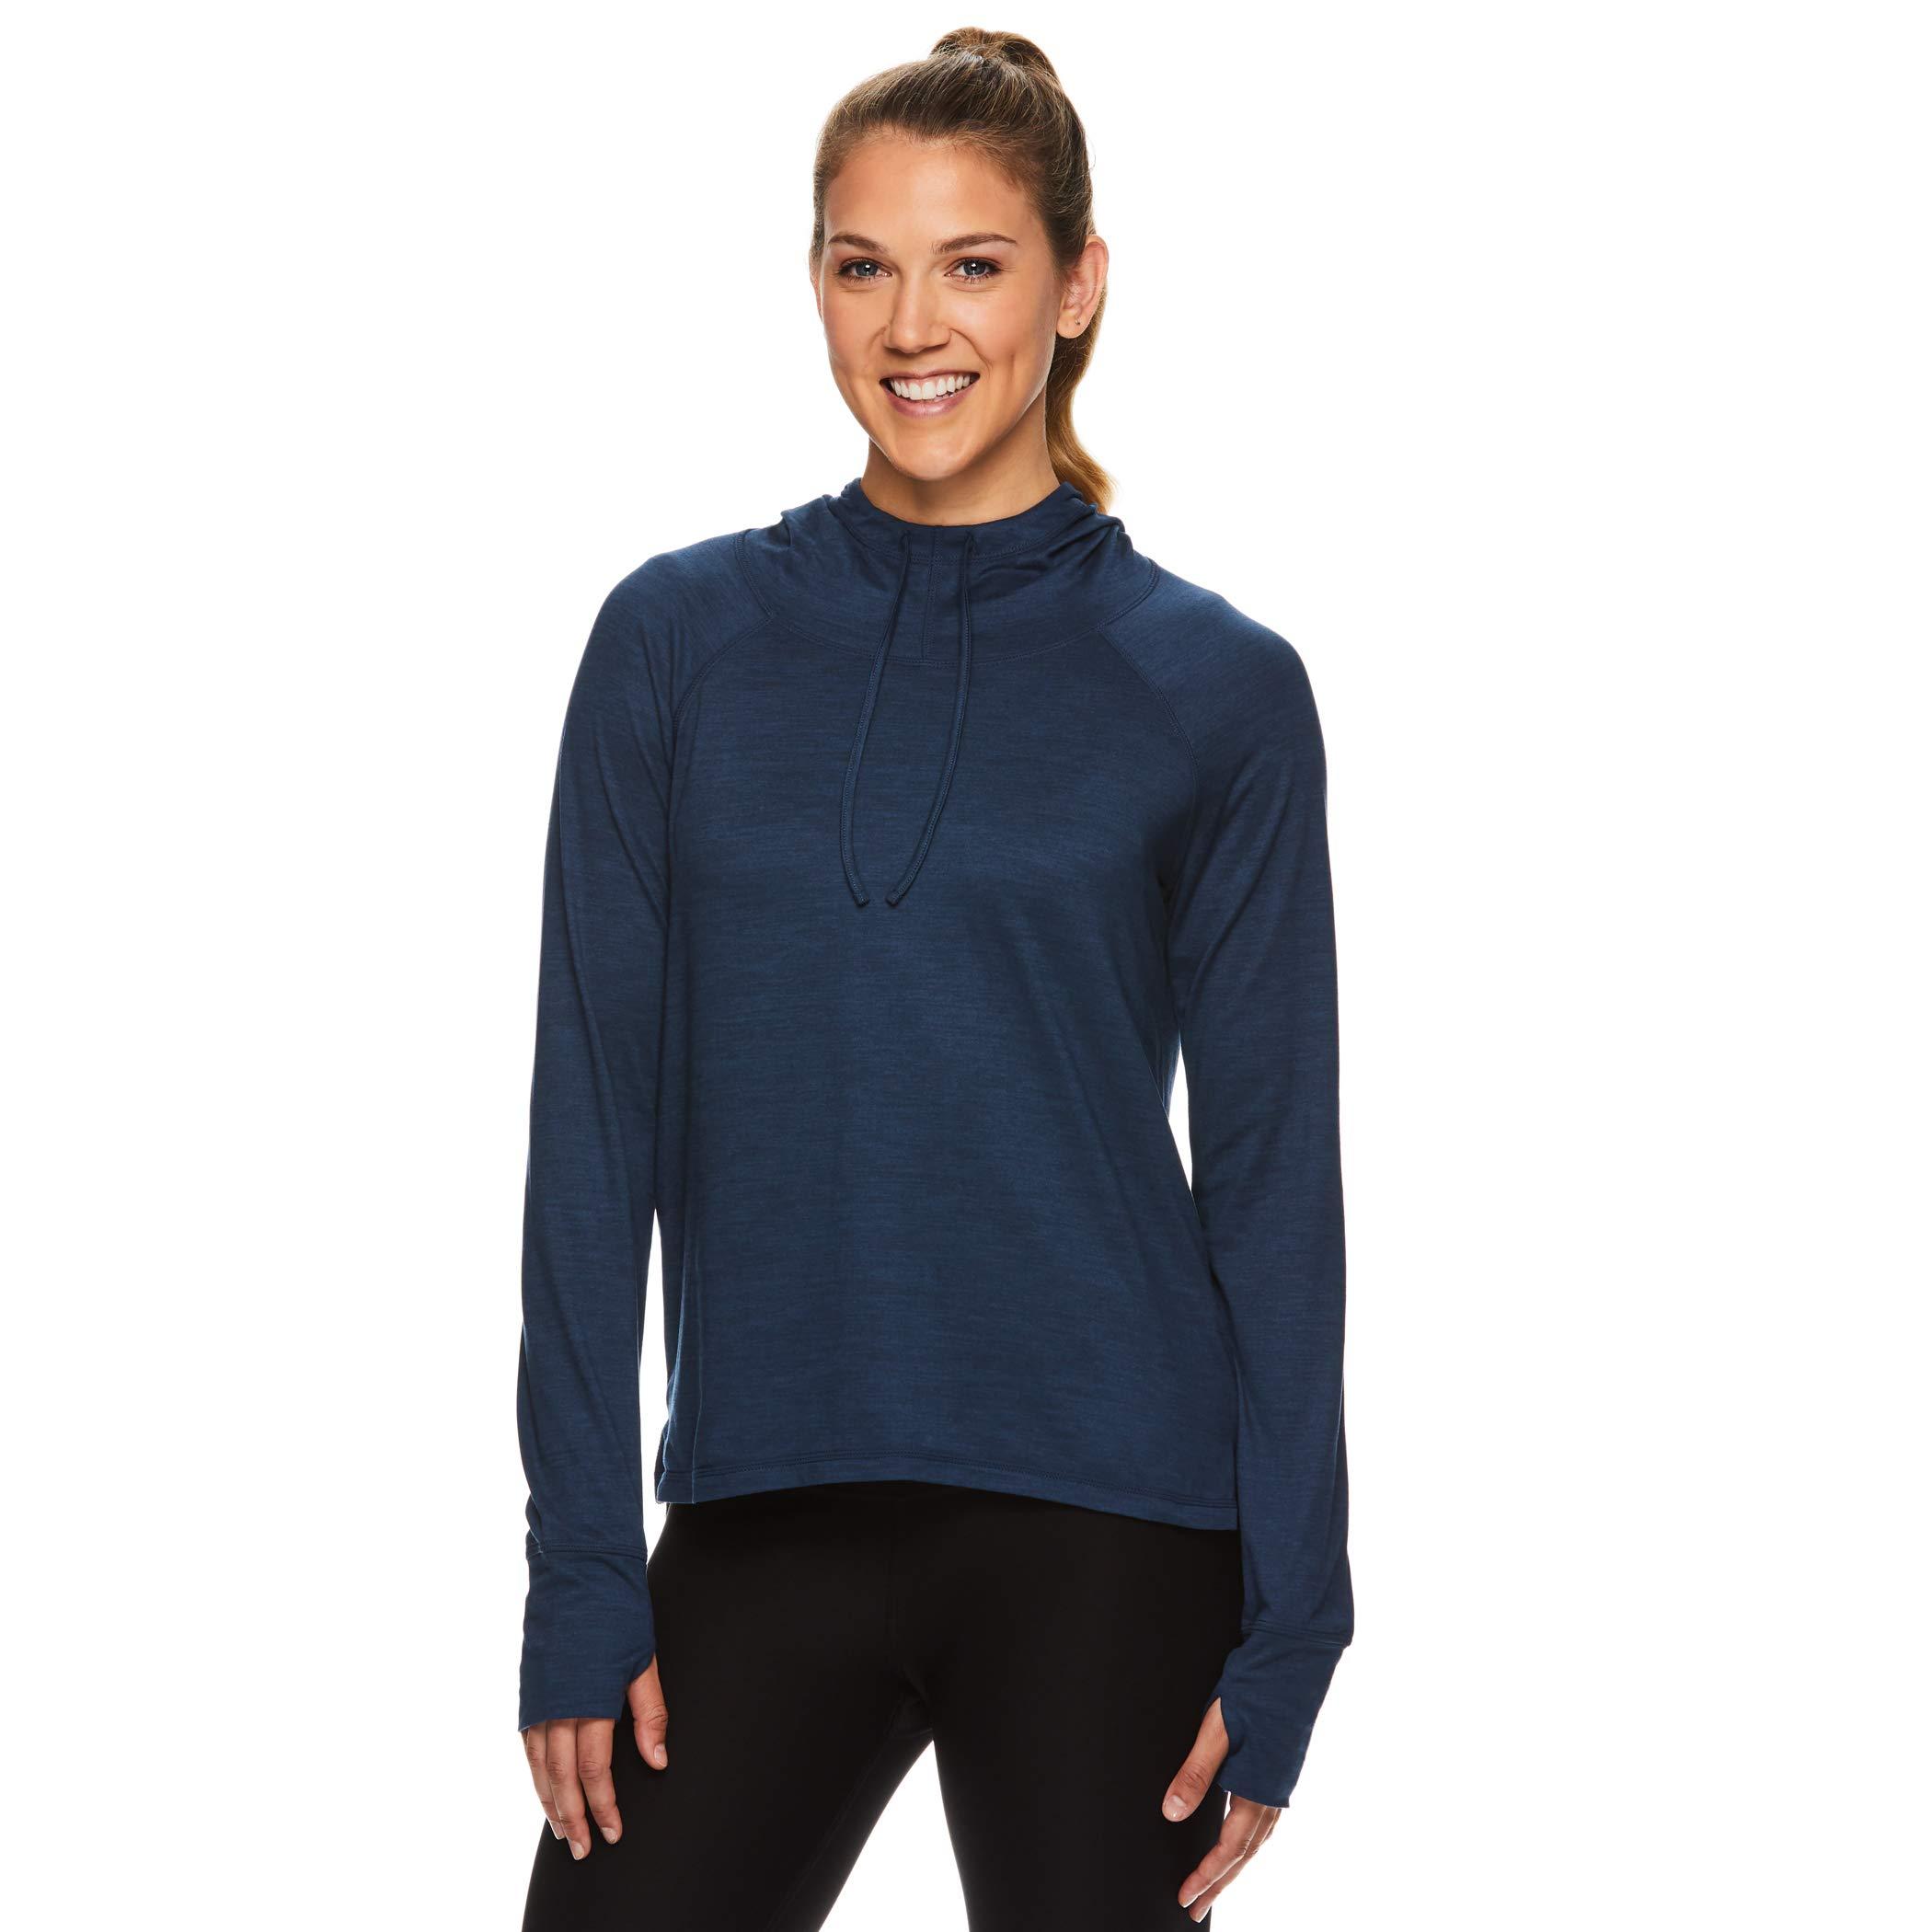 Gaiam Women's Pullover Hoodie Yoga Sweatshirt - Lightweight Long Sleeve Athleisure Sweater - Maya Moonlit Ocean Blue Heather, X-Large by Gaiam